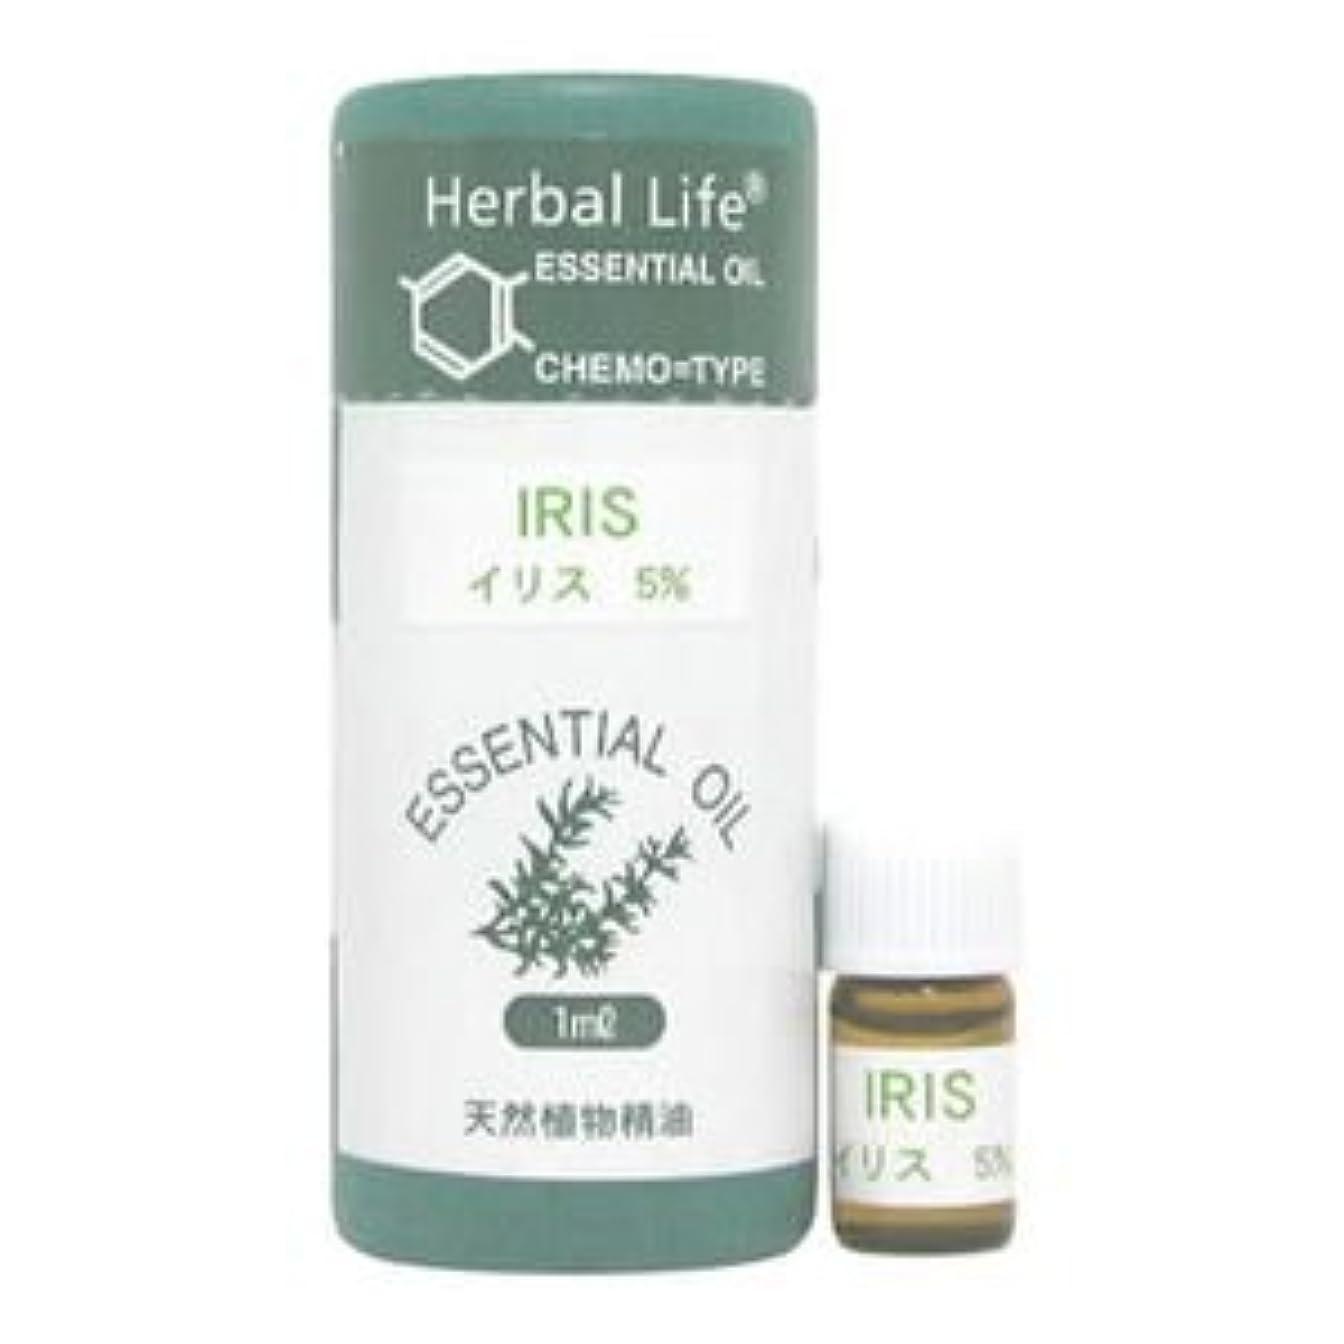 うま幹乳Herbal Life イリス(5%希釈液) 1ml